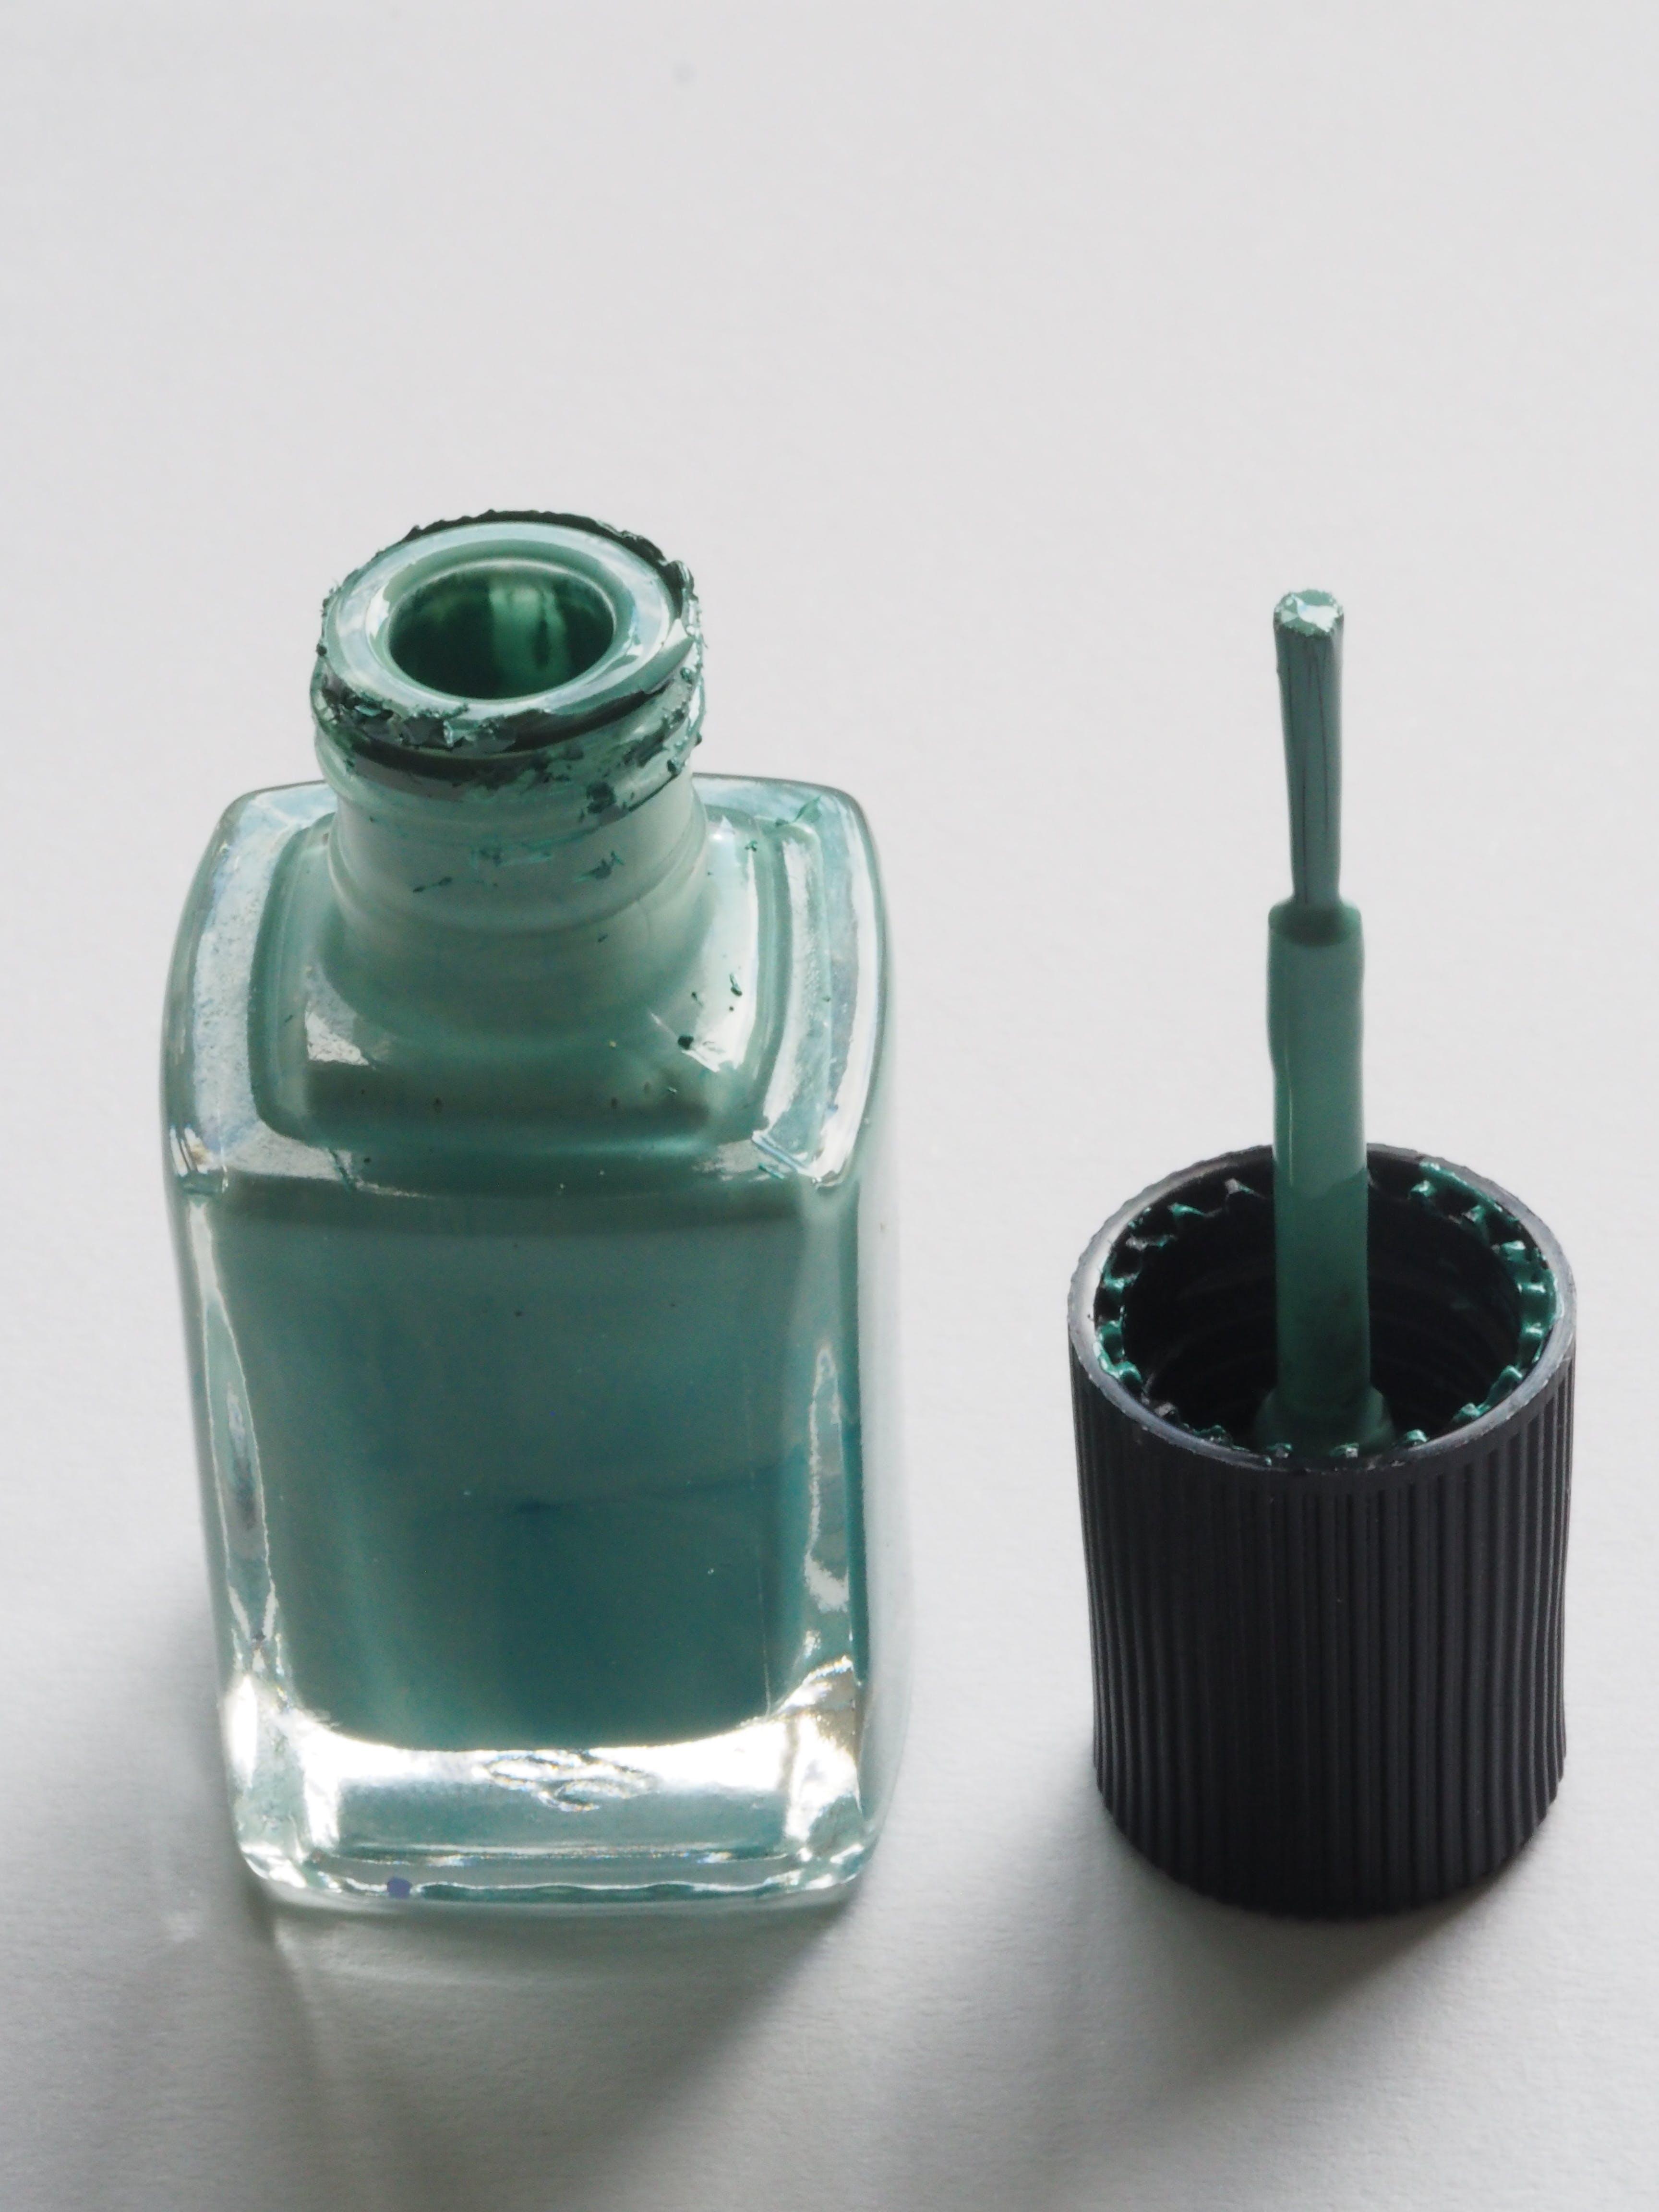 Kostenloses Stock Foto zu pinsel, glas, grün, polieren